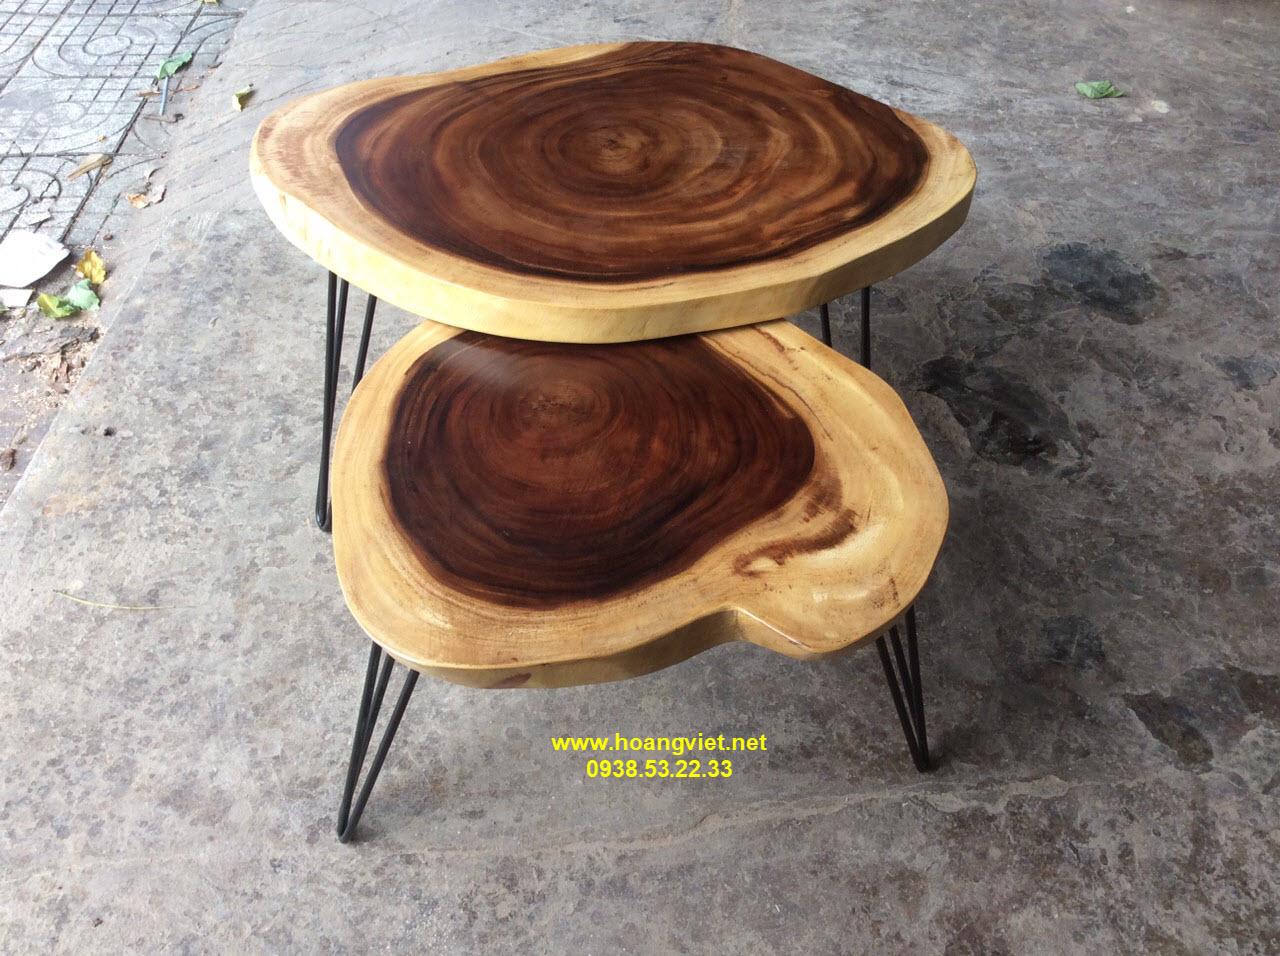 Cung cấp bàn sofa gỗ me tây nguyên tấm.